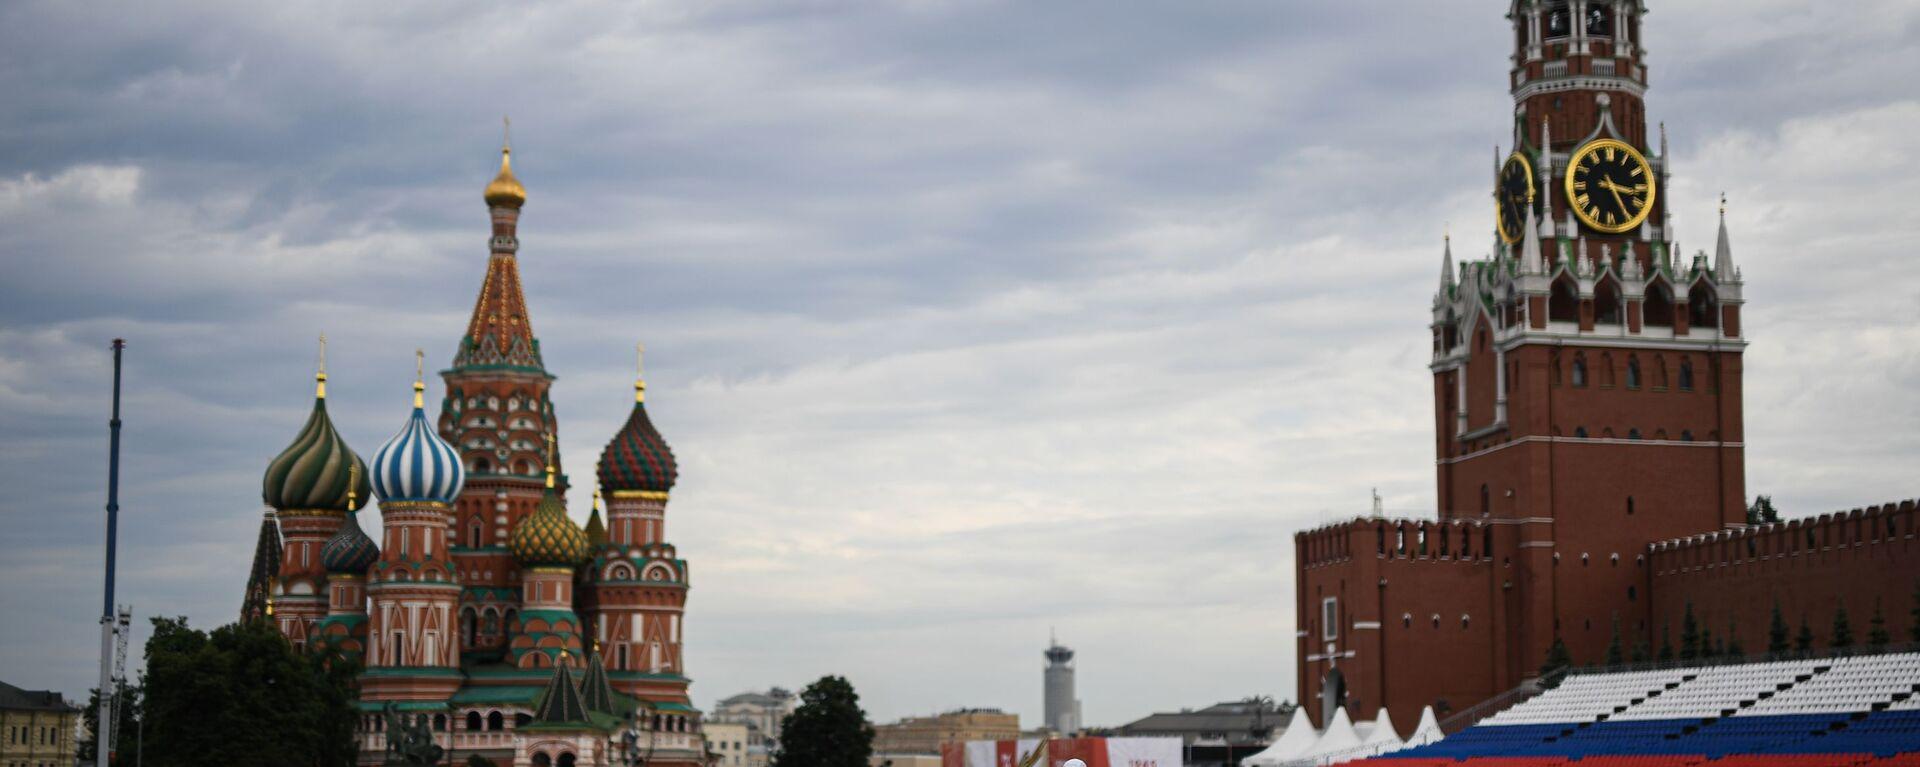 Люди на Красной площади в Москве во время подготовки к параду Победы - Sputnik Грузия, 1920, 12.11.2020